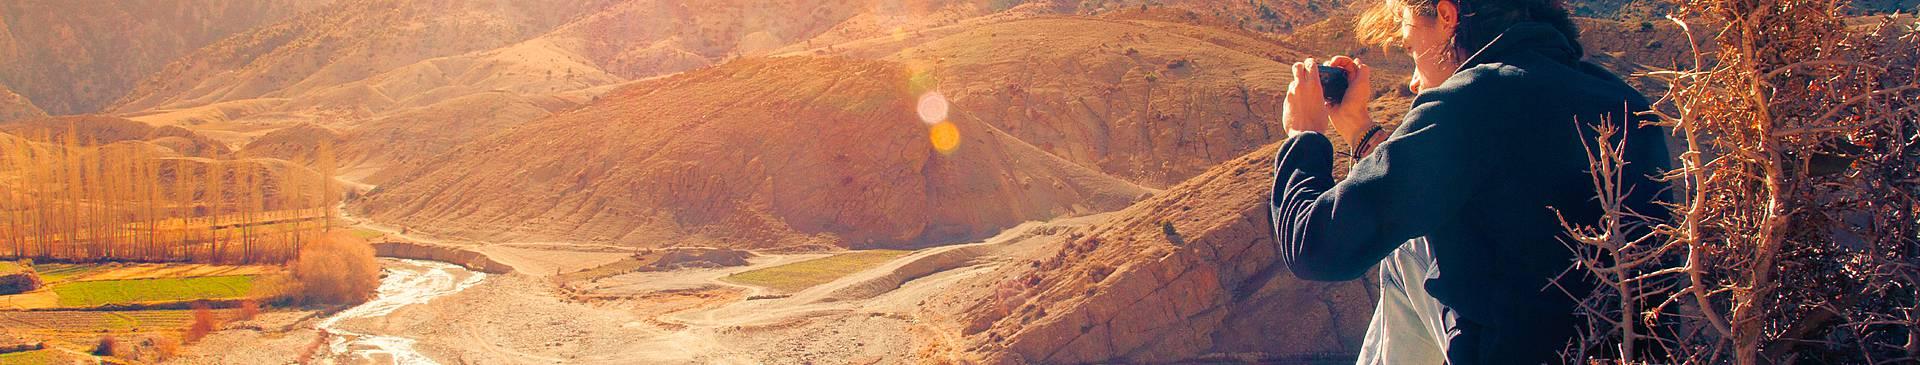 Wanderreisen Marokko